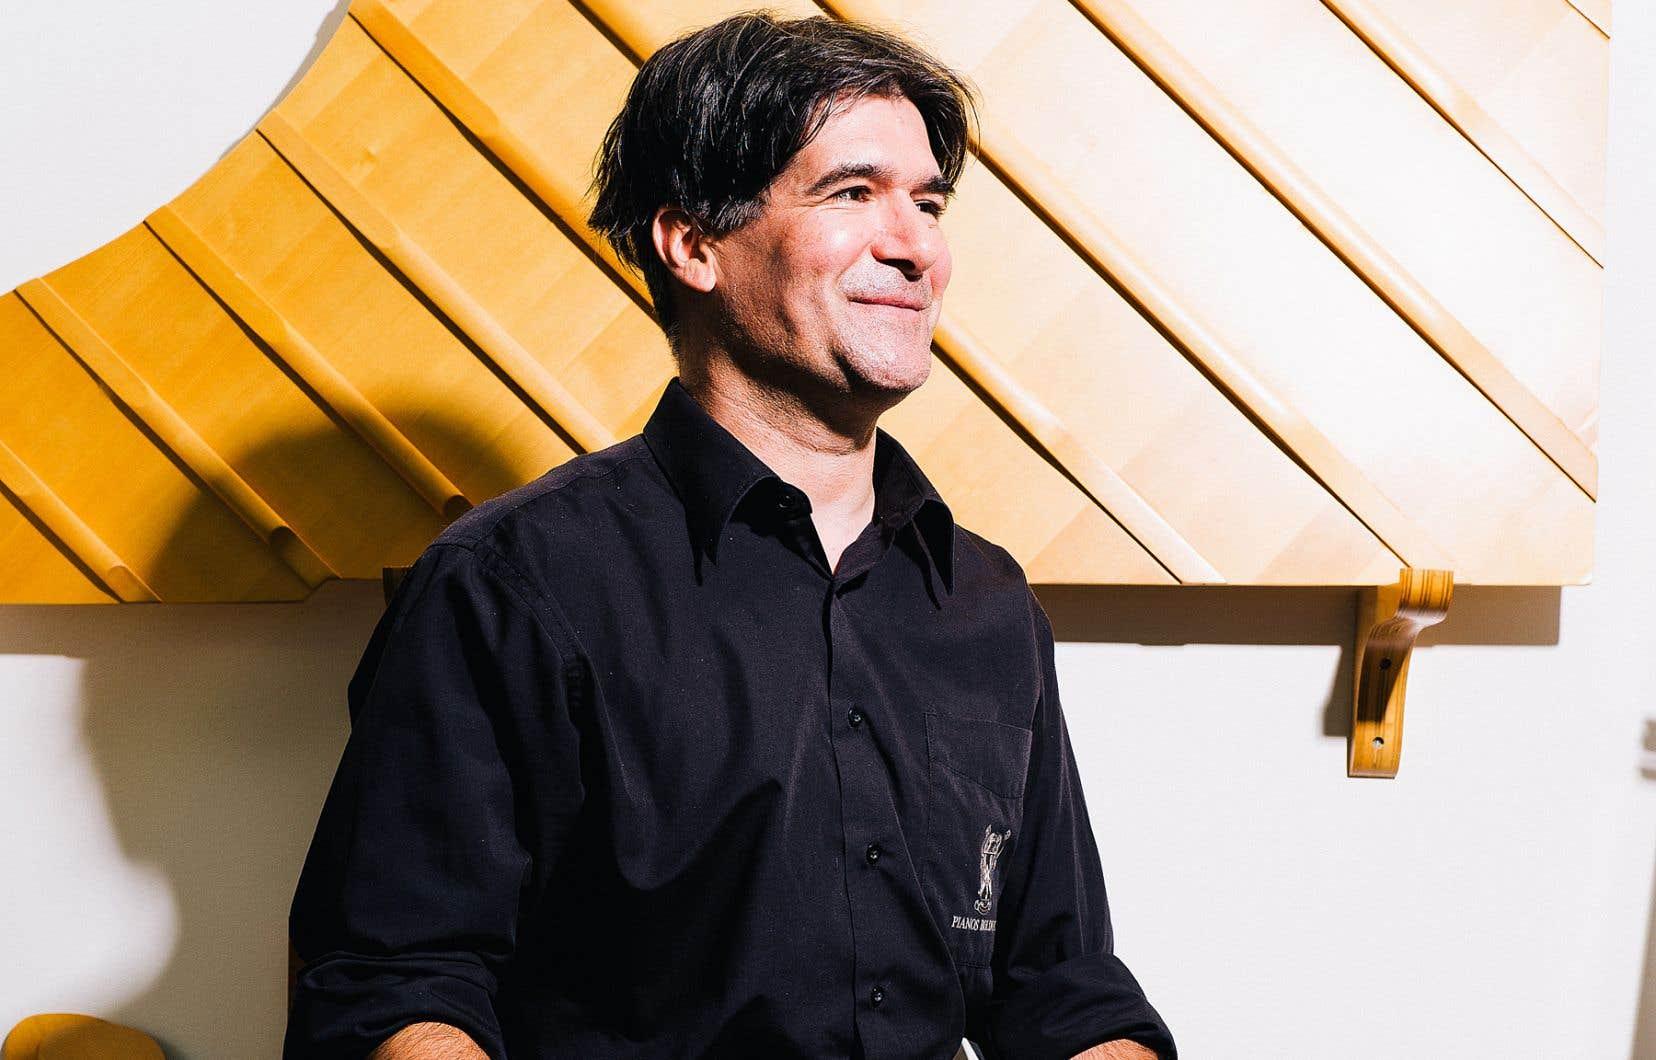 On n'y pense pas lorsqu'on prend place au Gesù, à l'Upstairs ou à la salle Wilfrid-Pelletier, mais le technicien accordeur de piano est un maillon essentiel à la réussite d'un concert où cet instrument est requis. Francis Rivard, pianiste formé à la musique classique puis en interprétation jazz à l'université, exerce ce métier depuis une vingtaine d'années.